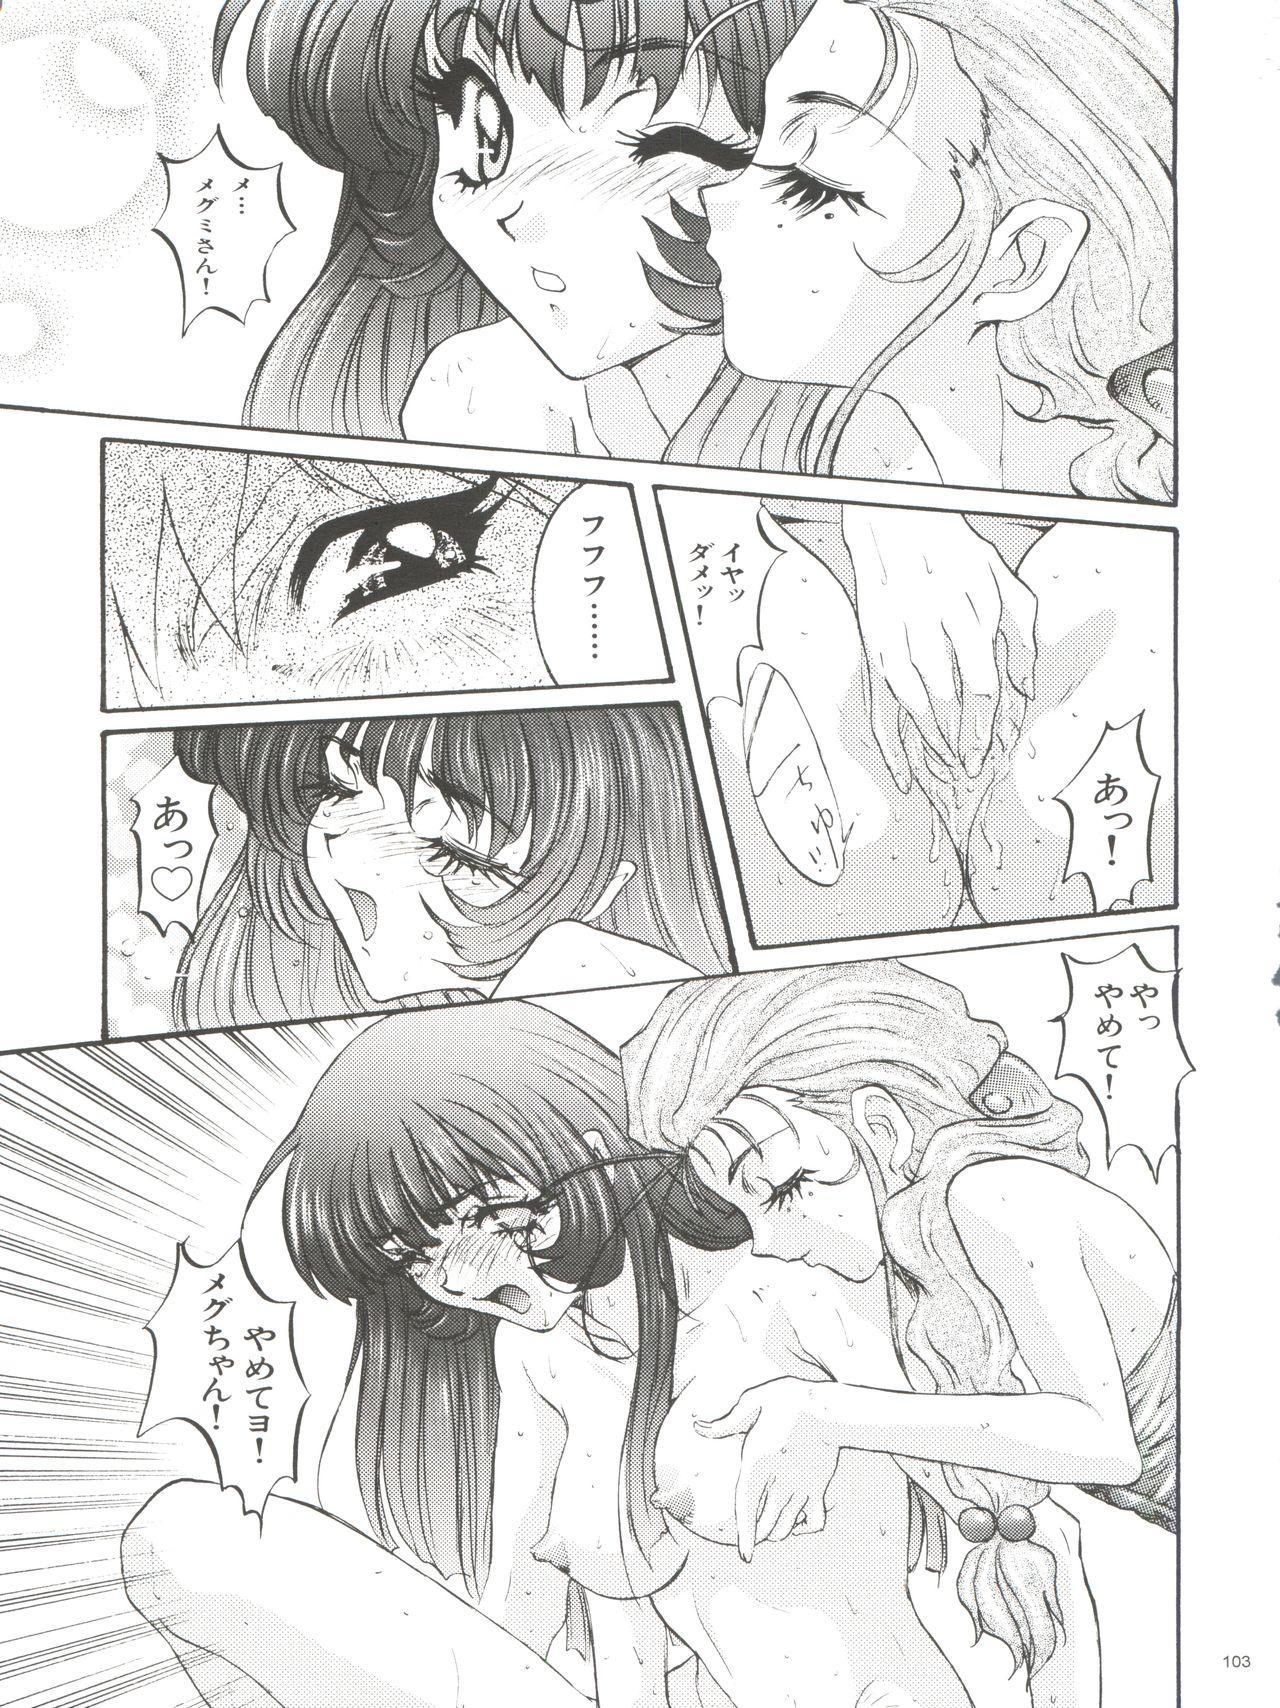 Wanpaku Anime Daihyakka Nanno Koto Jisensyuu Vol. 1 104